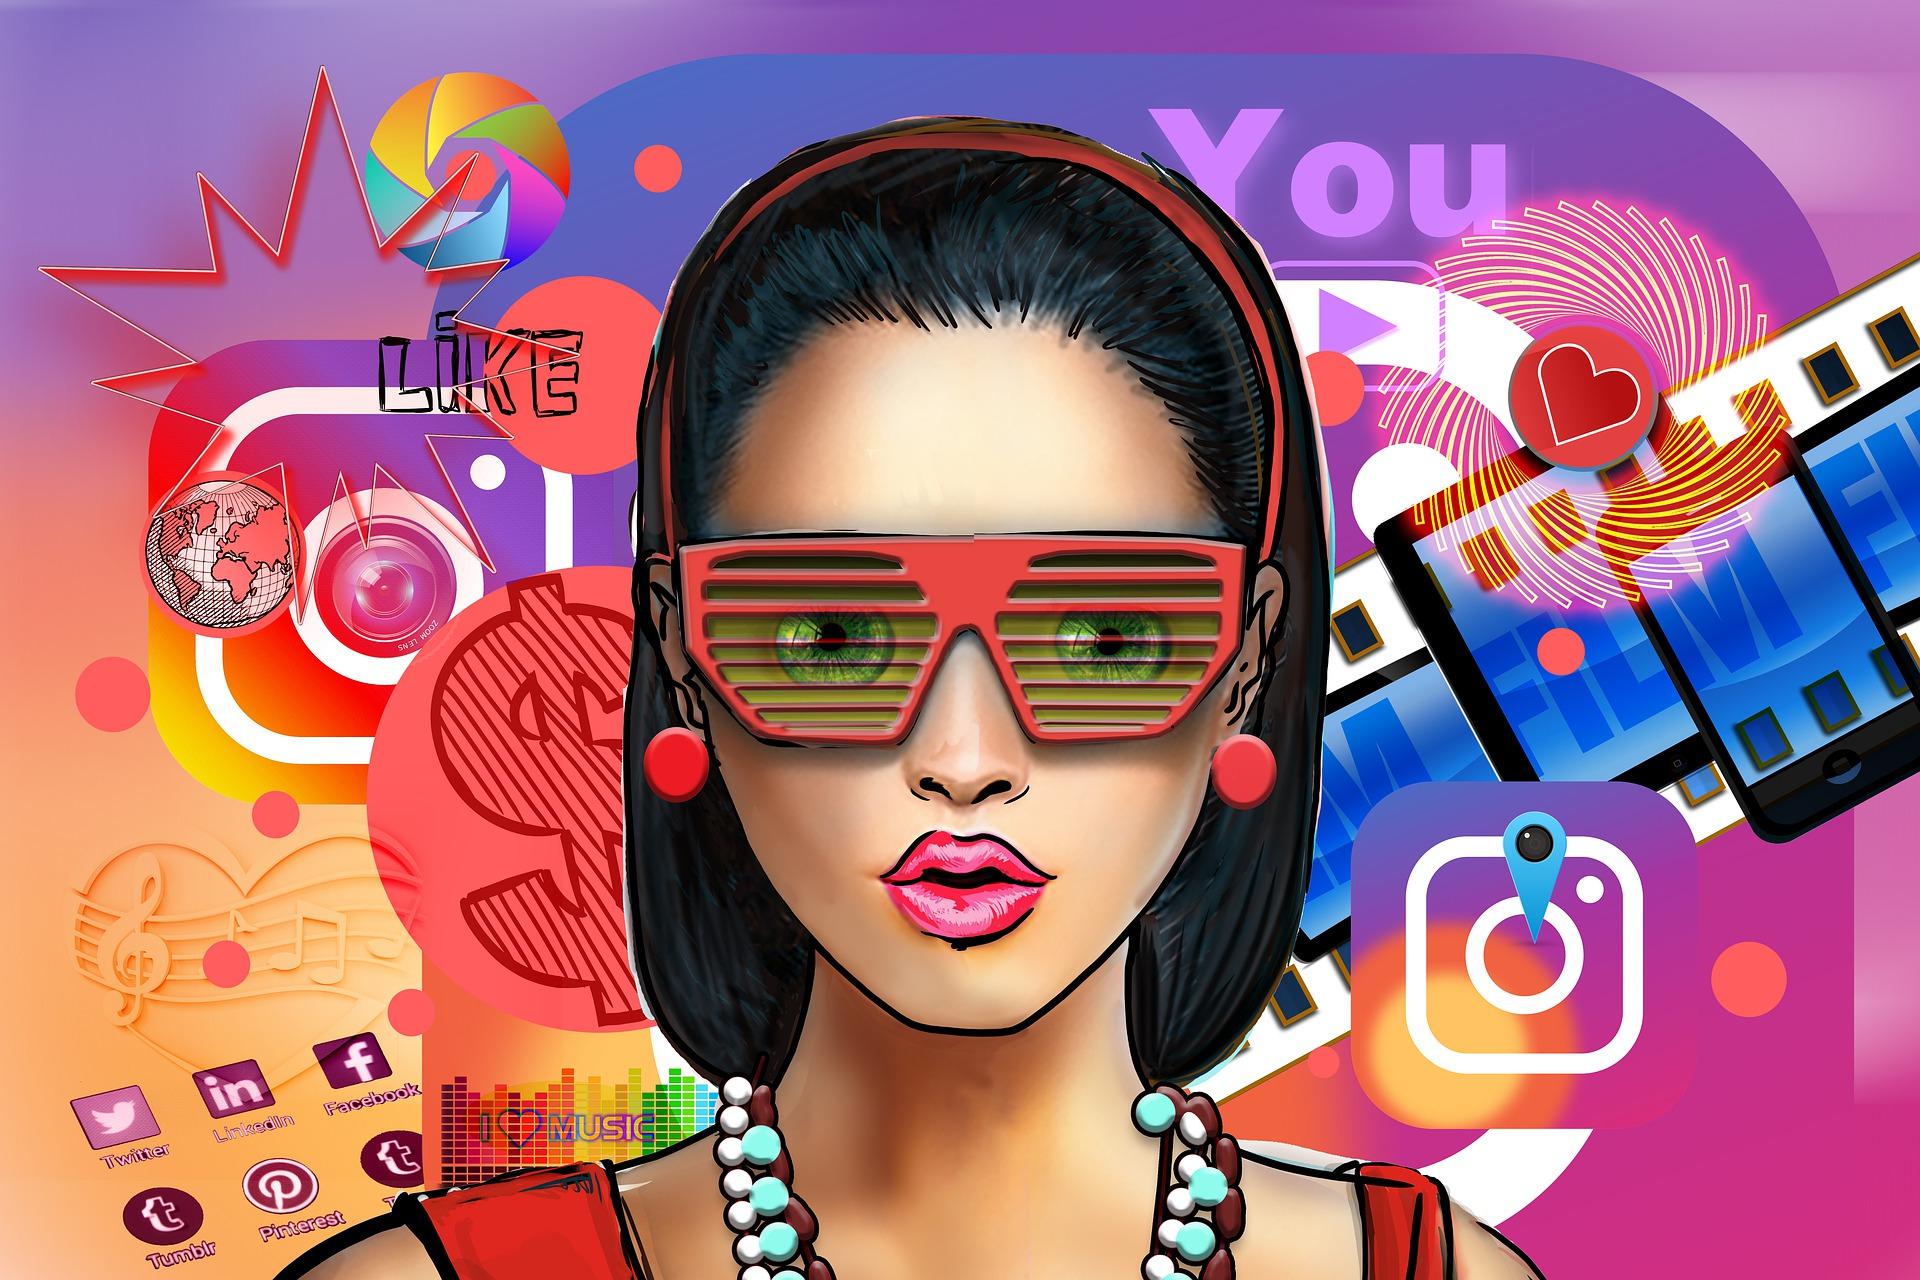 Contentmarketing trends 2020 - URBN6